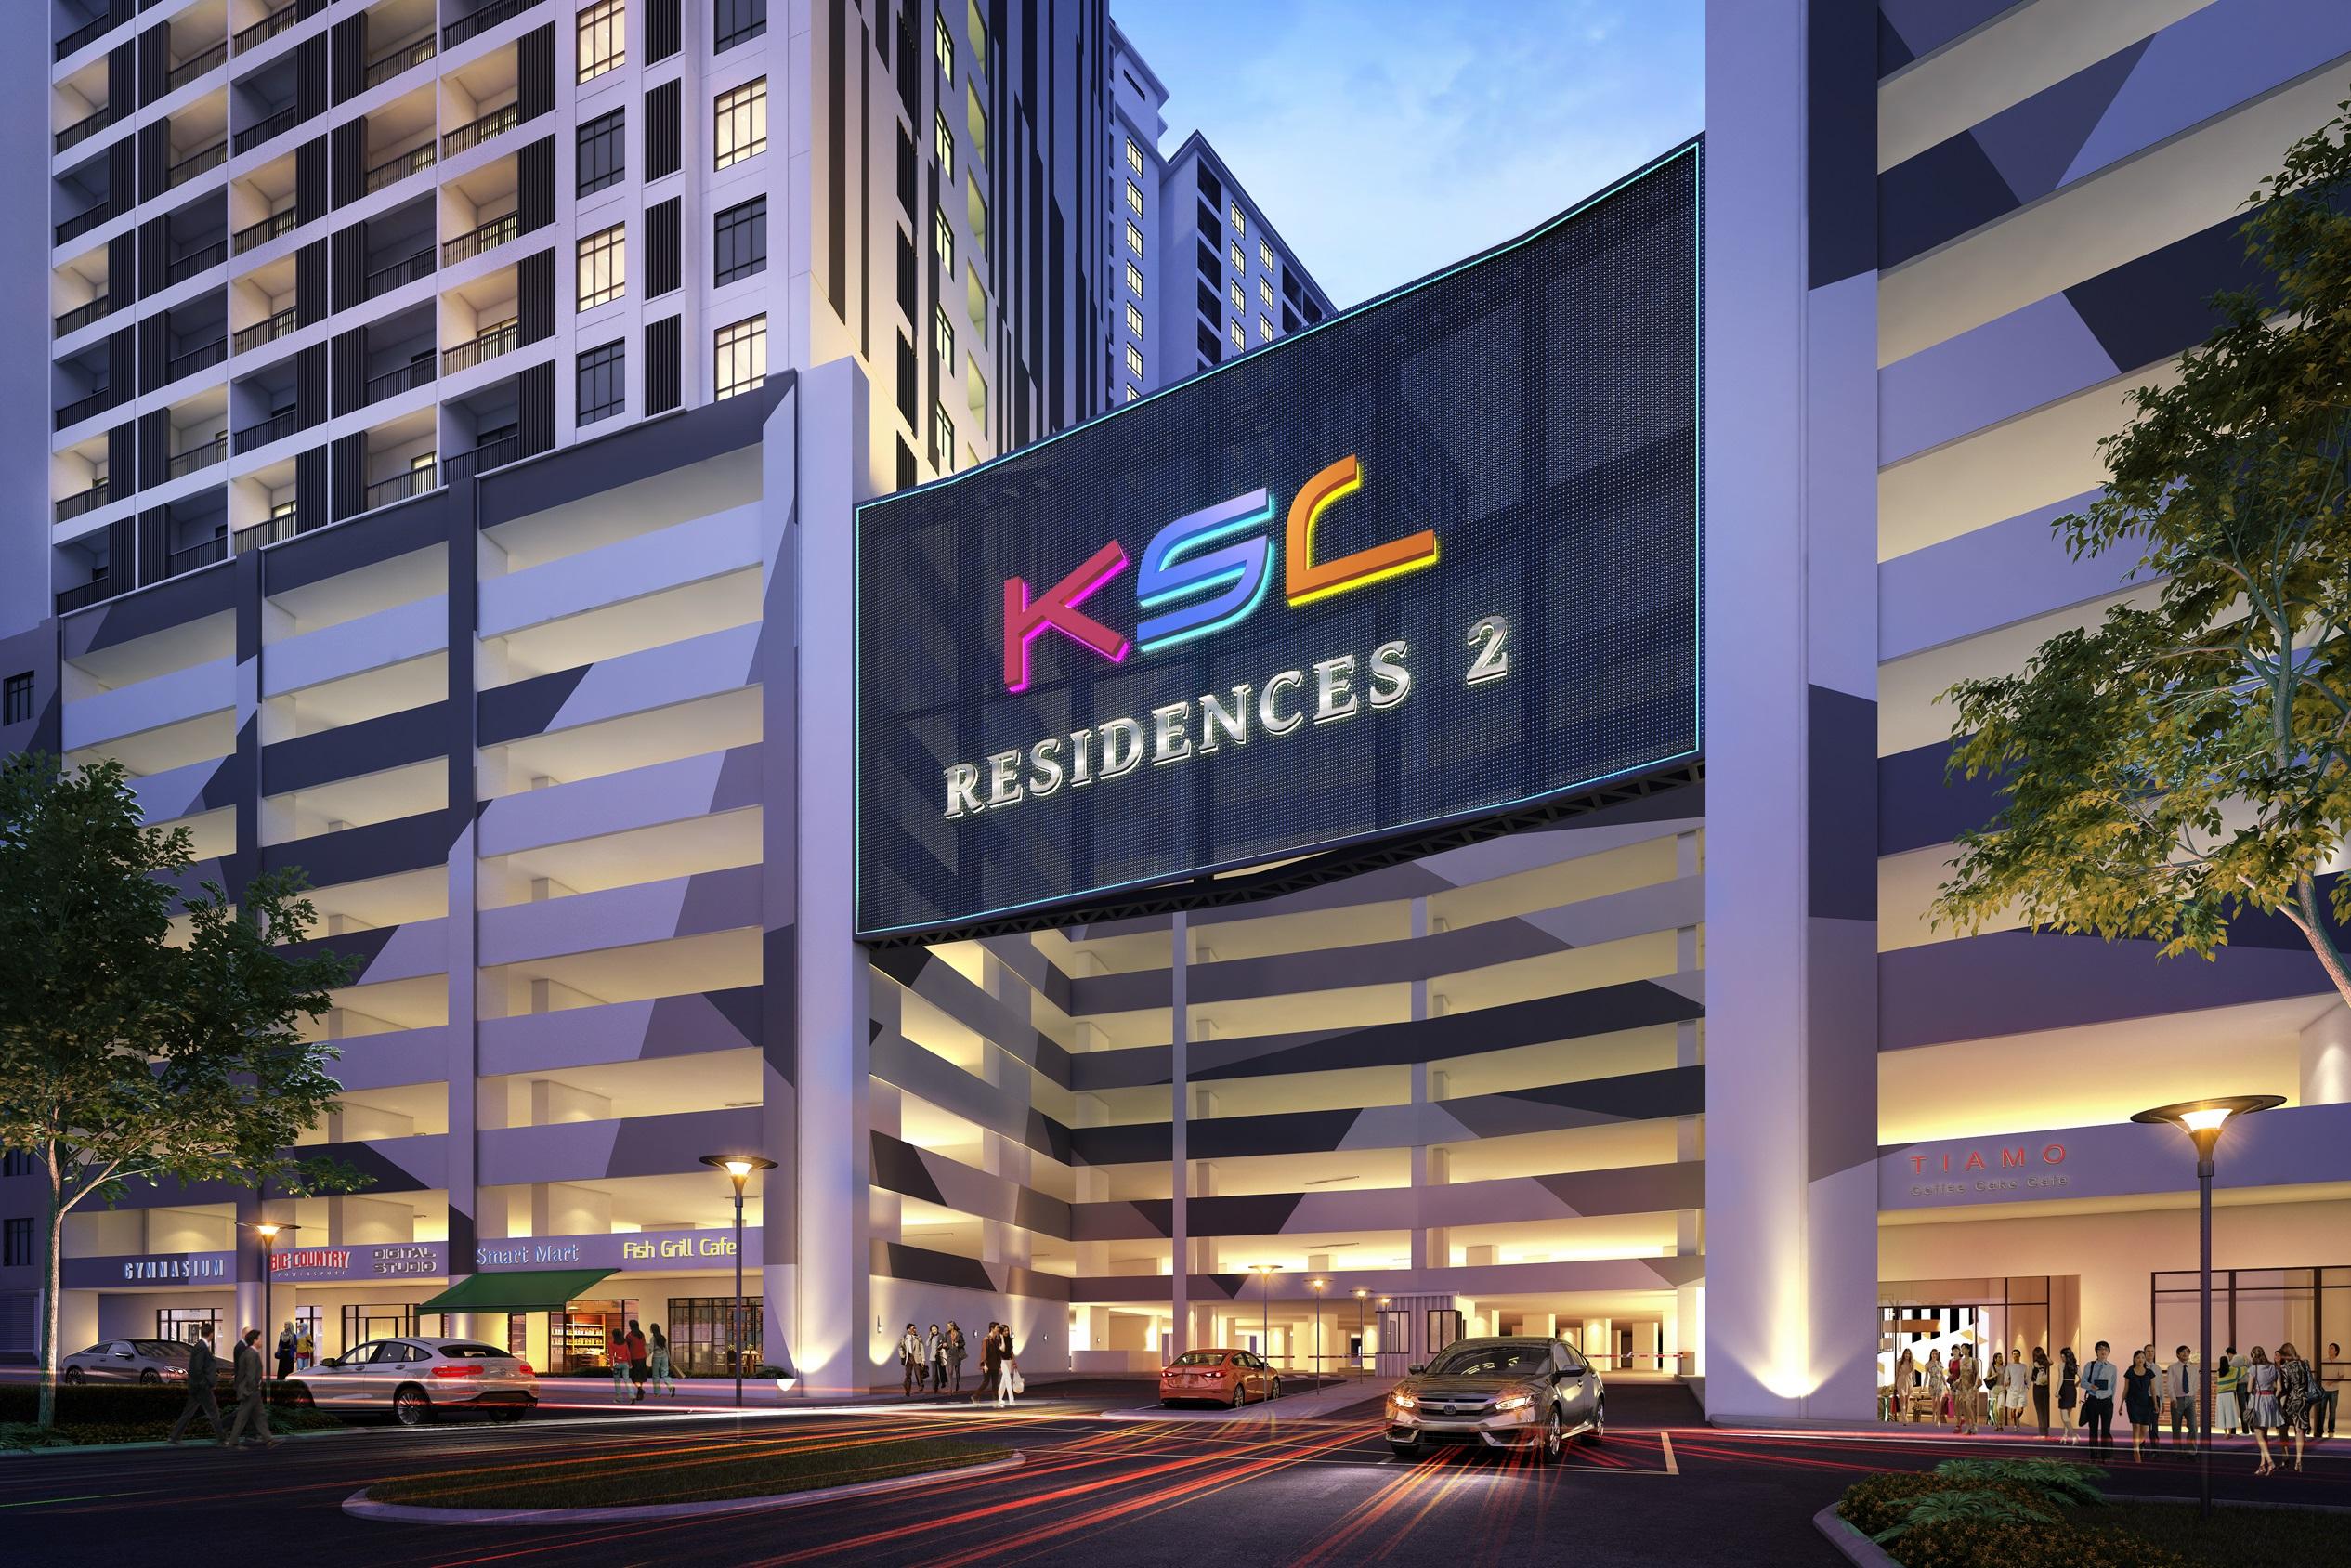 KSL Residences 2 @ Kangkar Tebrau